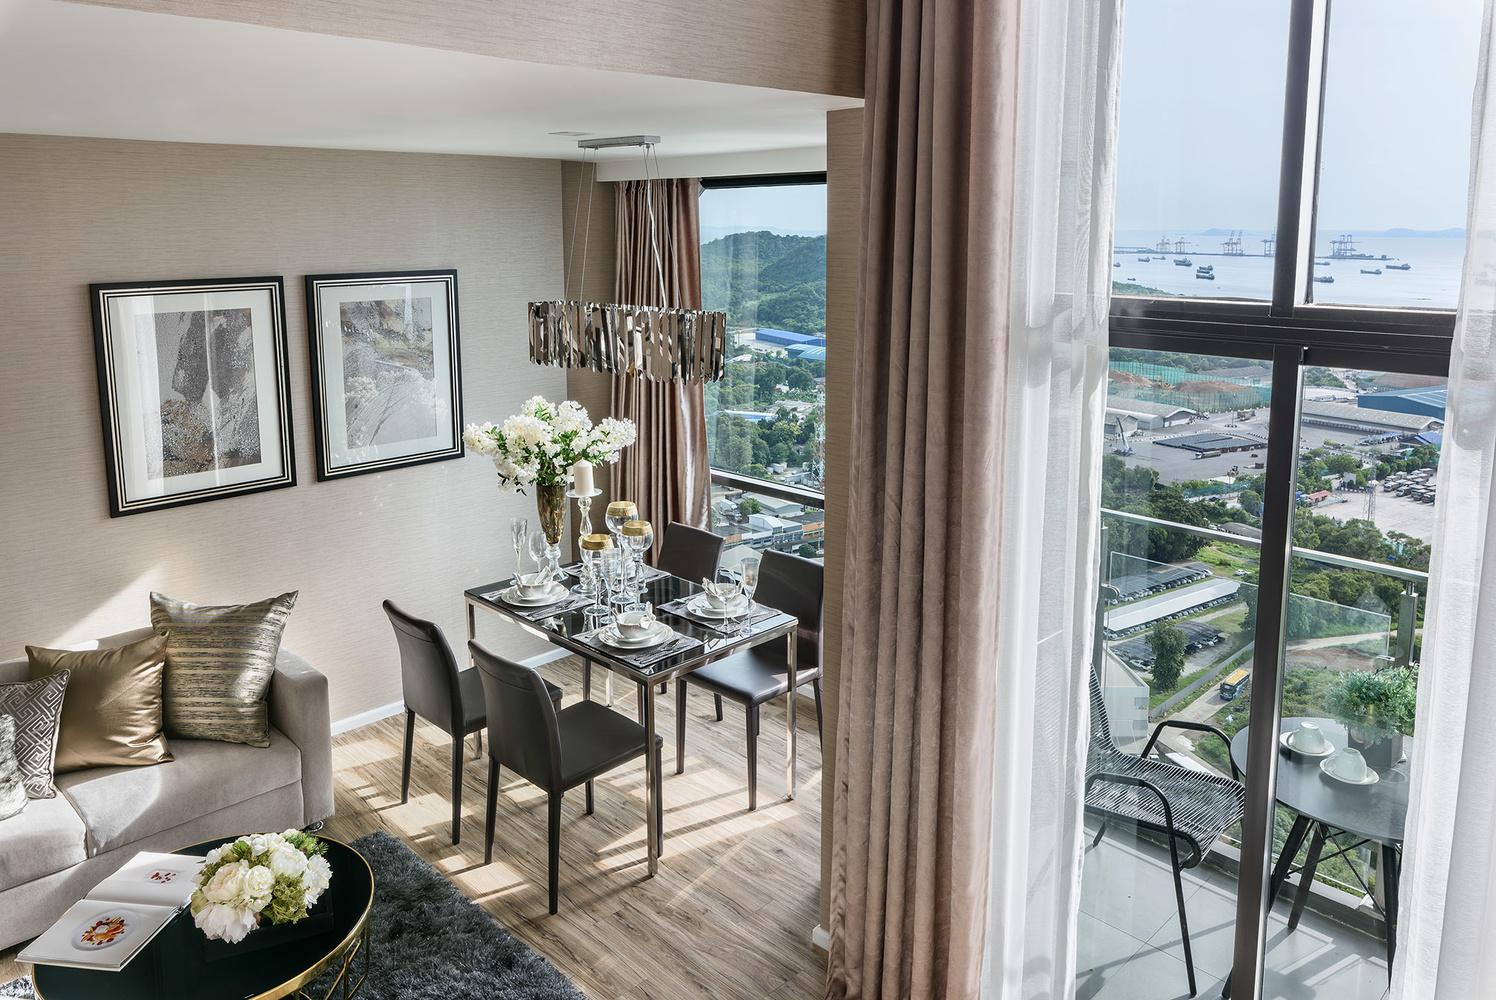 Duplex Unit Dining Area in Condominium. by Adisorn Ruangsiridecha